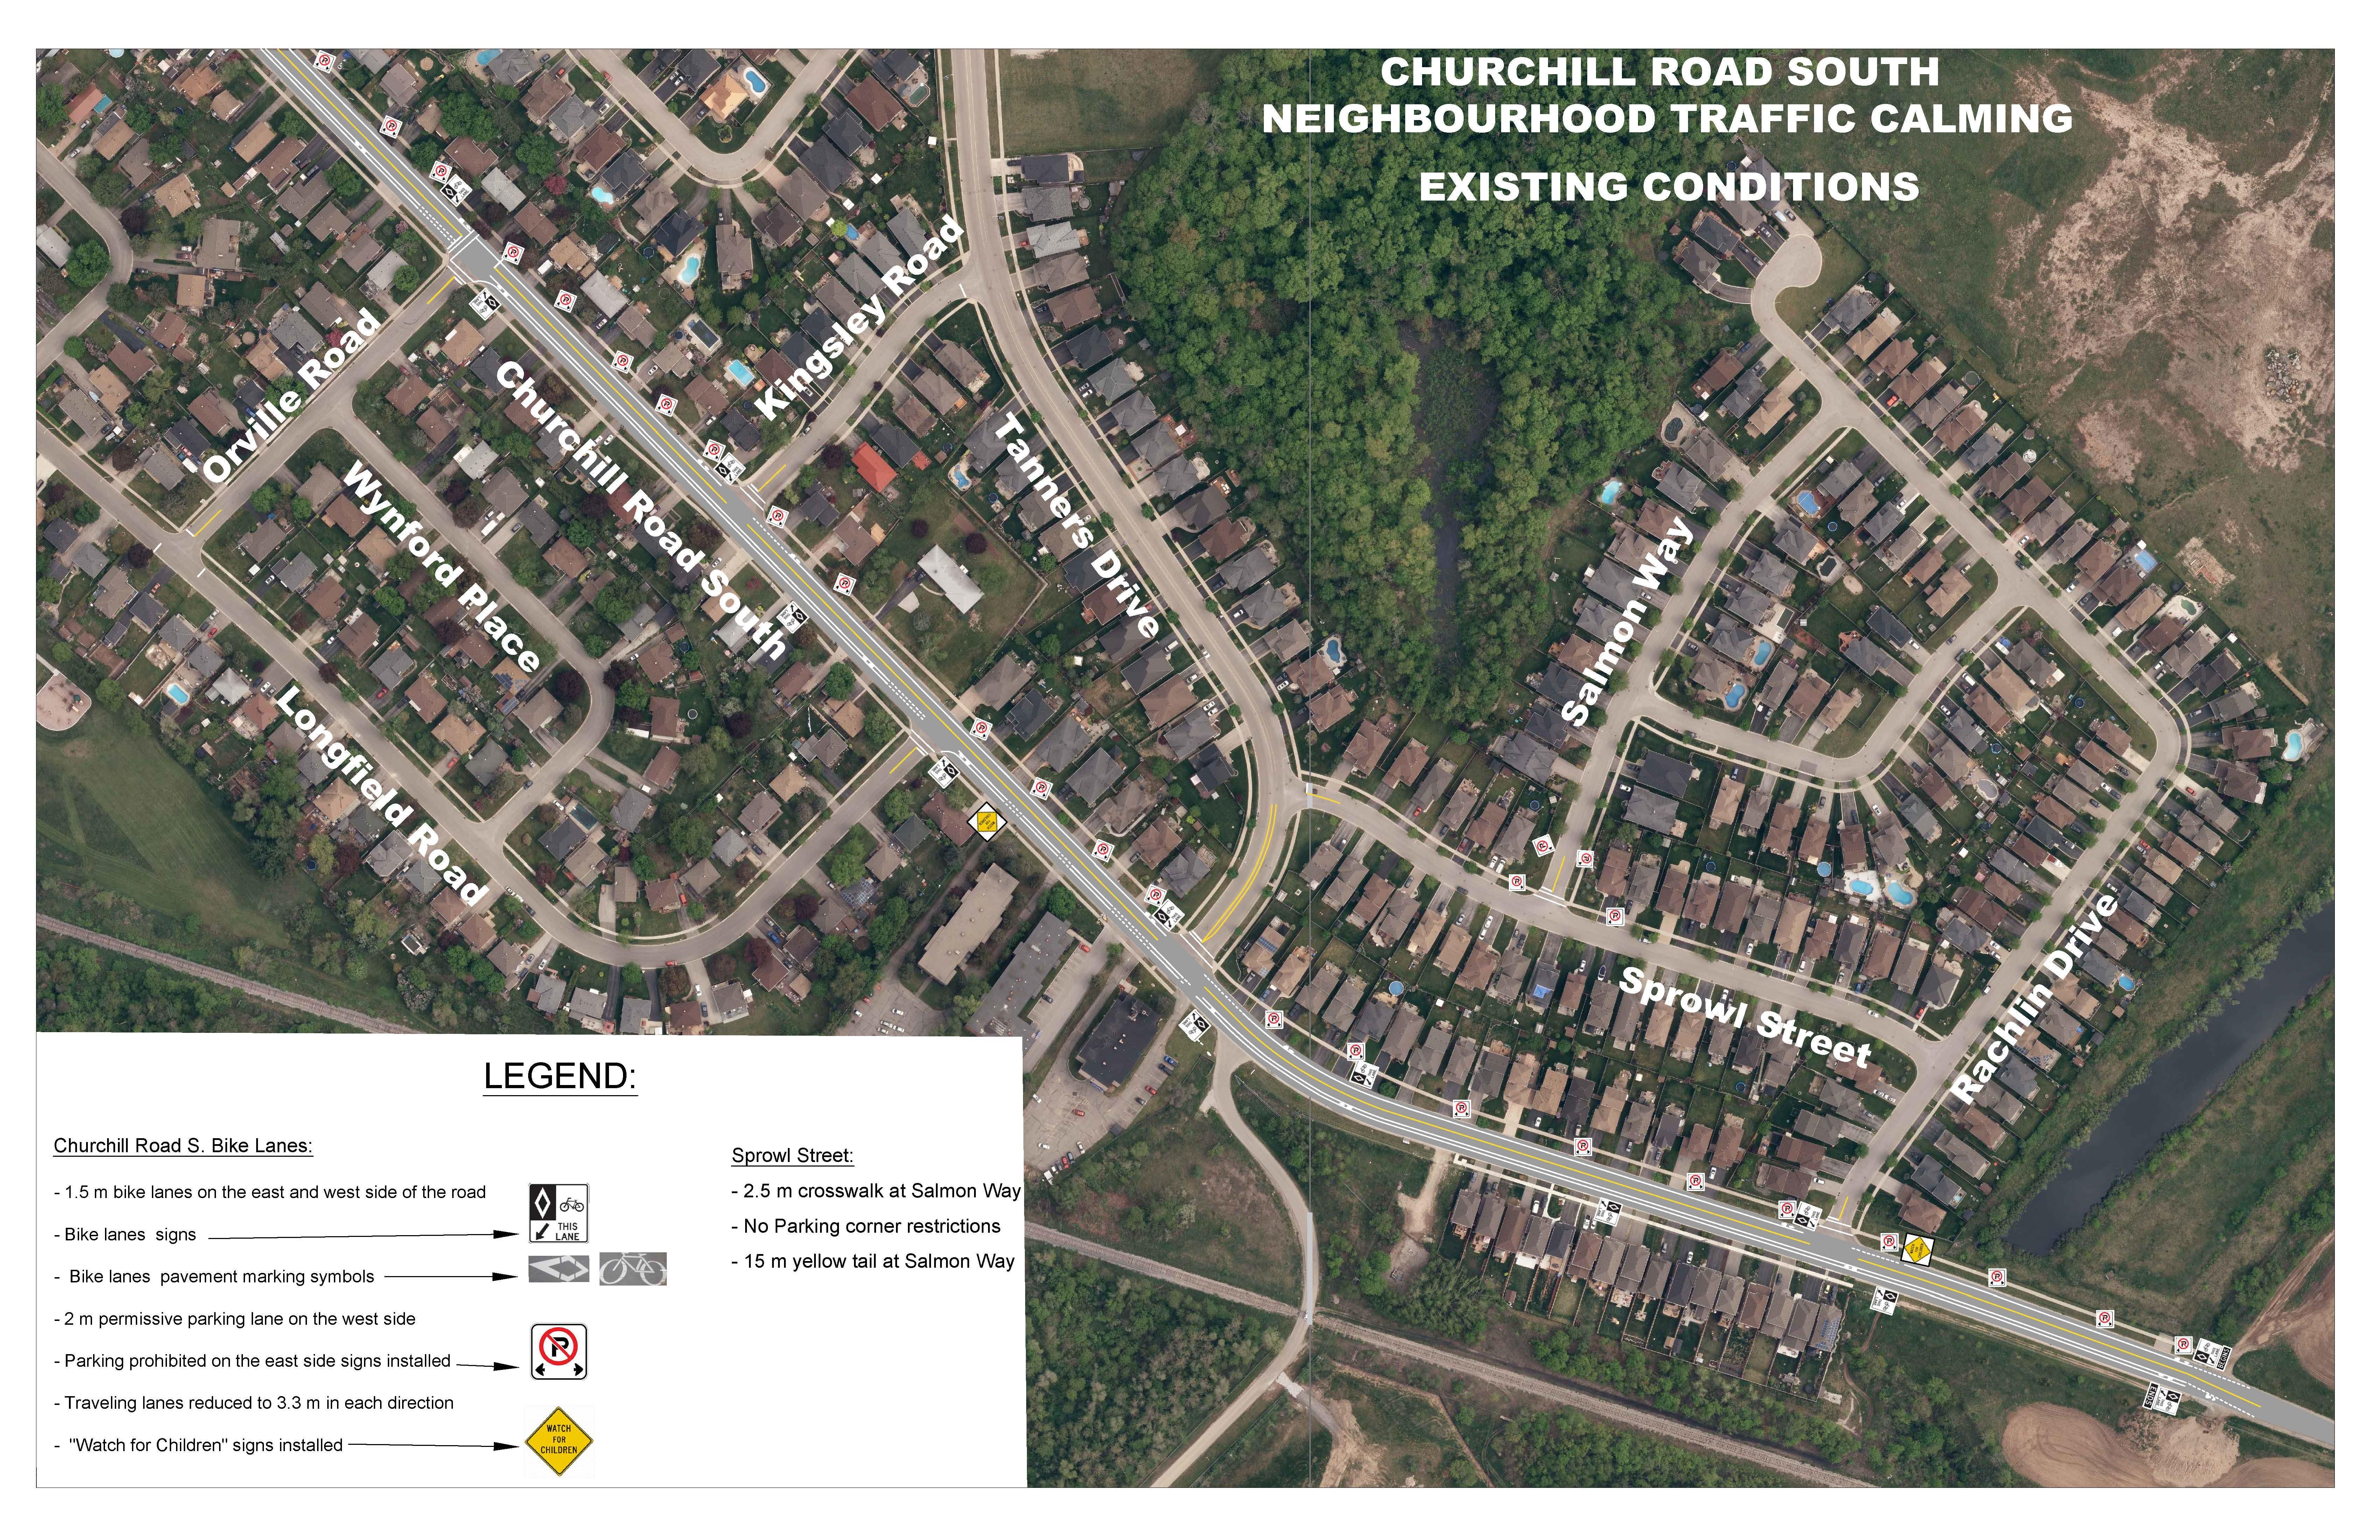 Churchill Rd S Traffic Calming(Bike Lanes).jpg